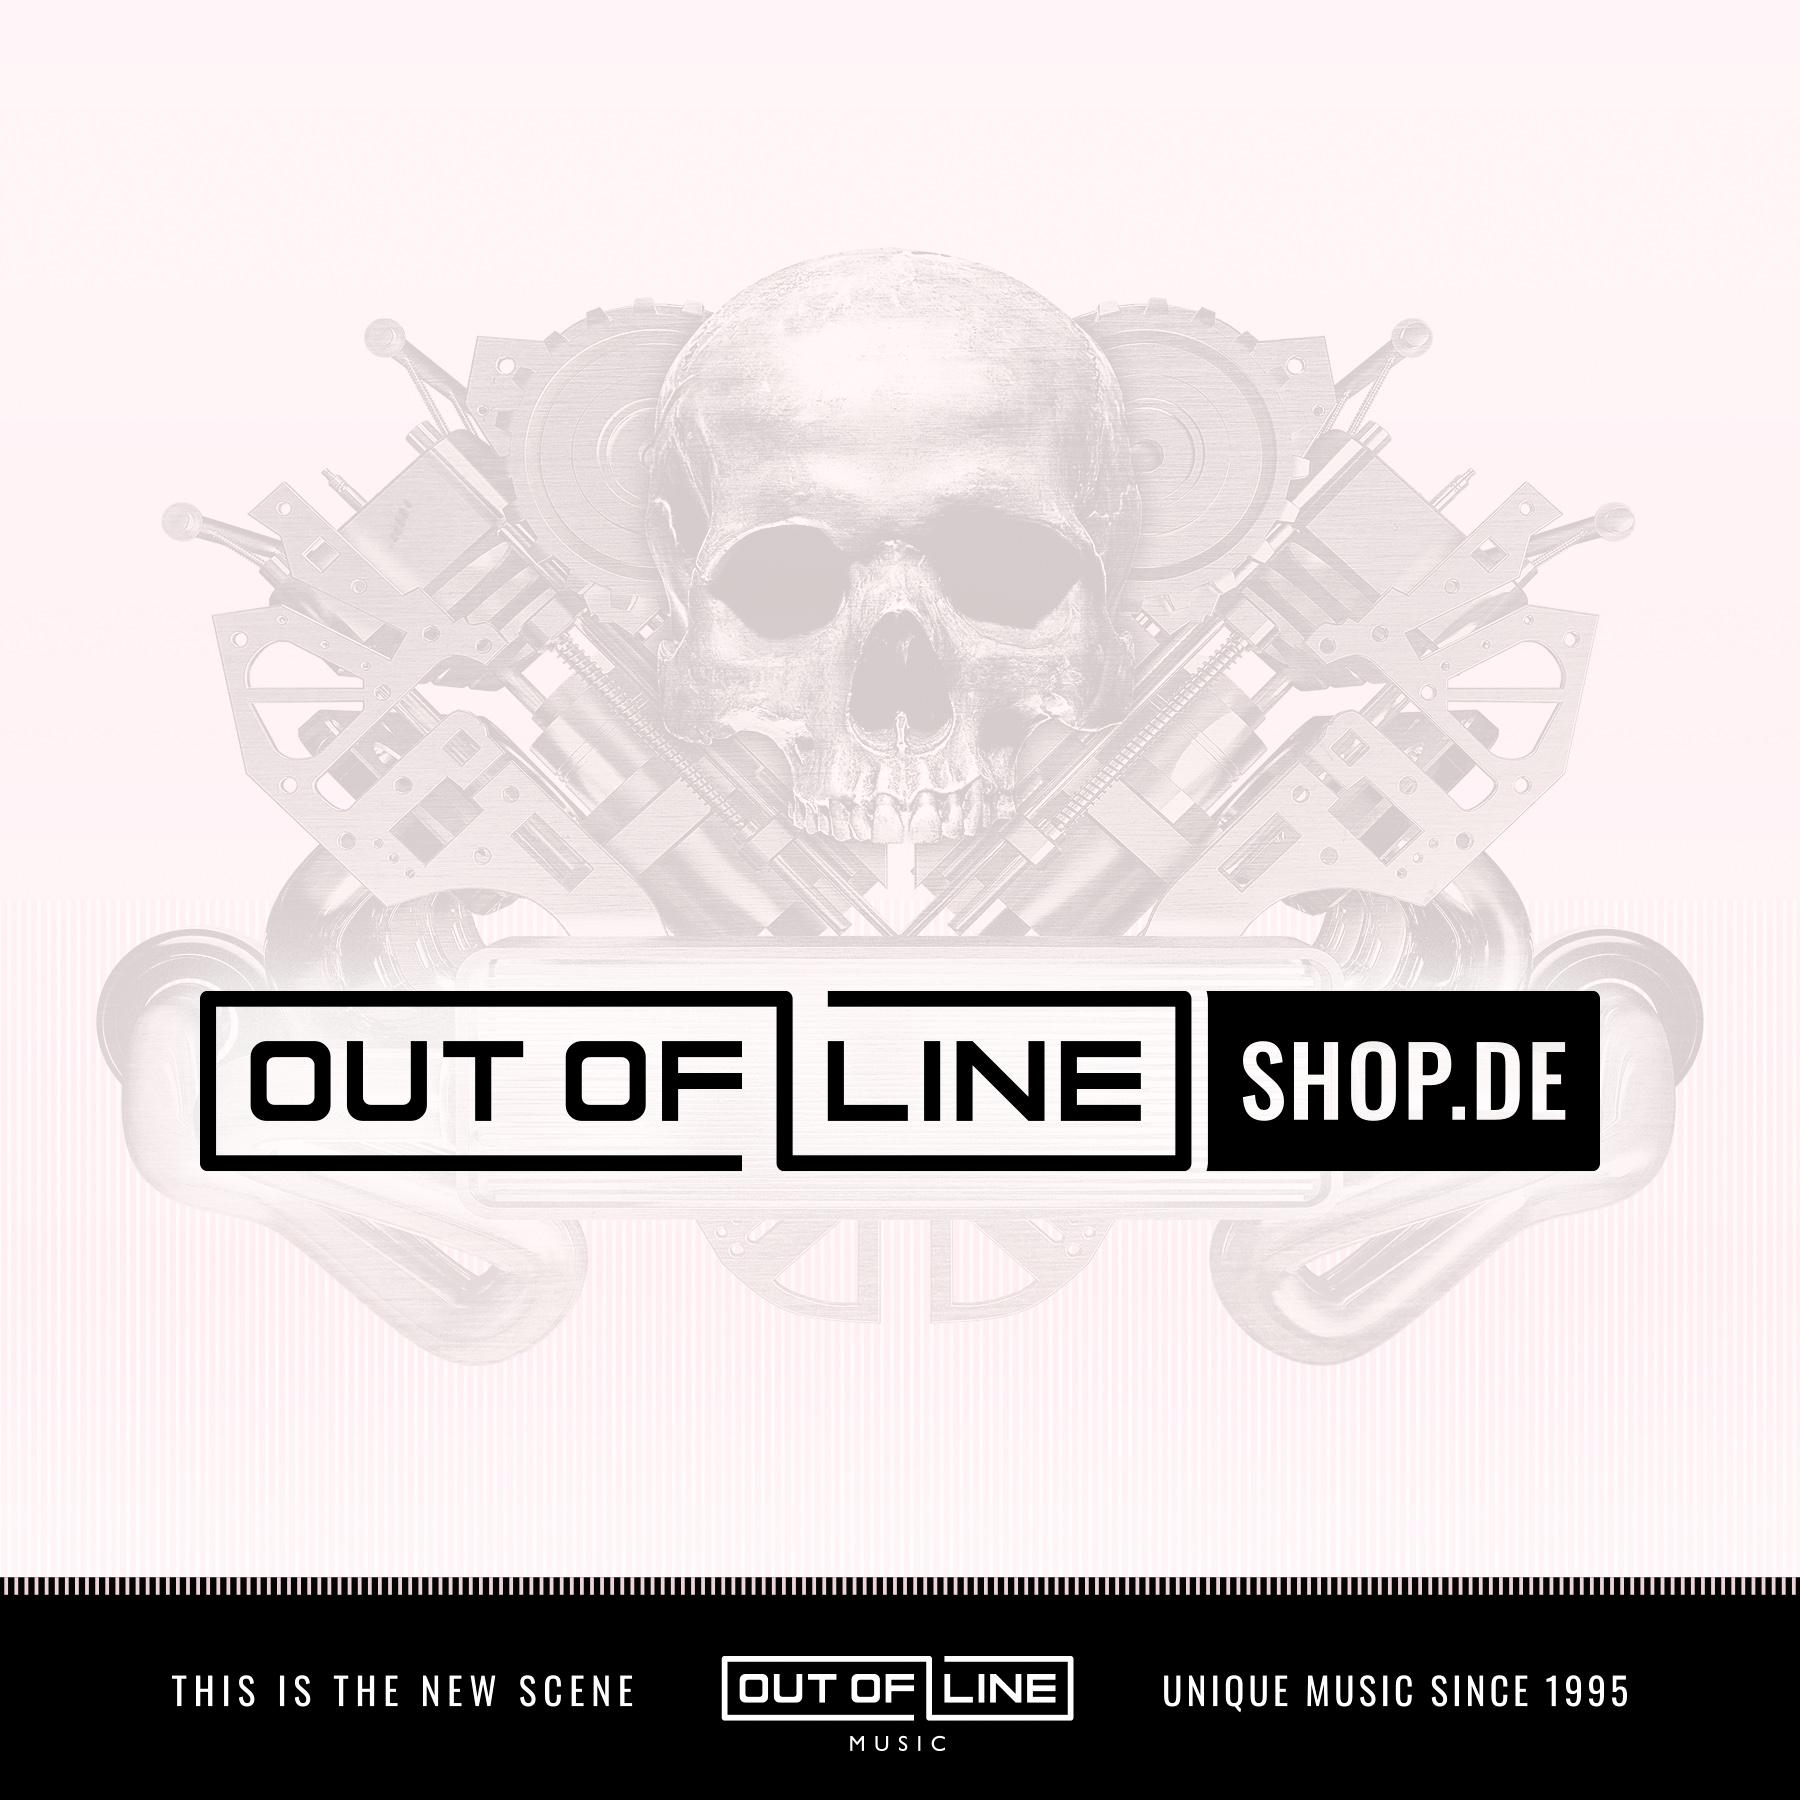 Heimataerde - Kaltwaerts - Deluxe 2CD - 2CD - Deluxe 2CD